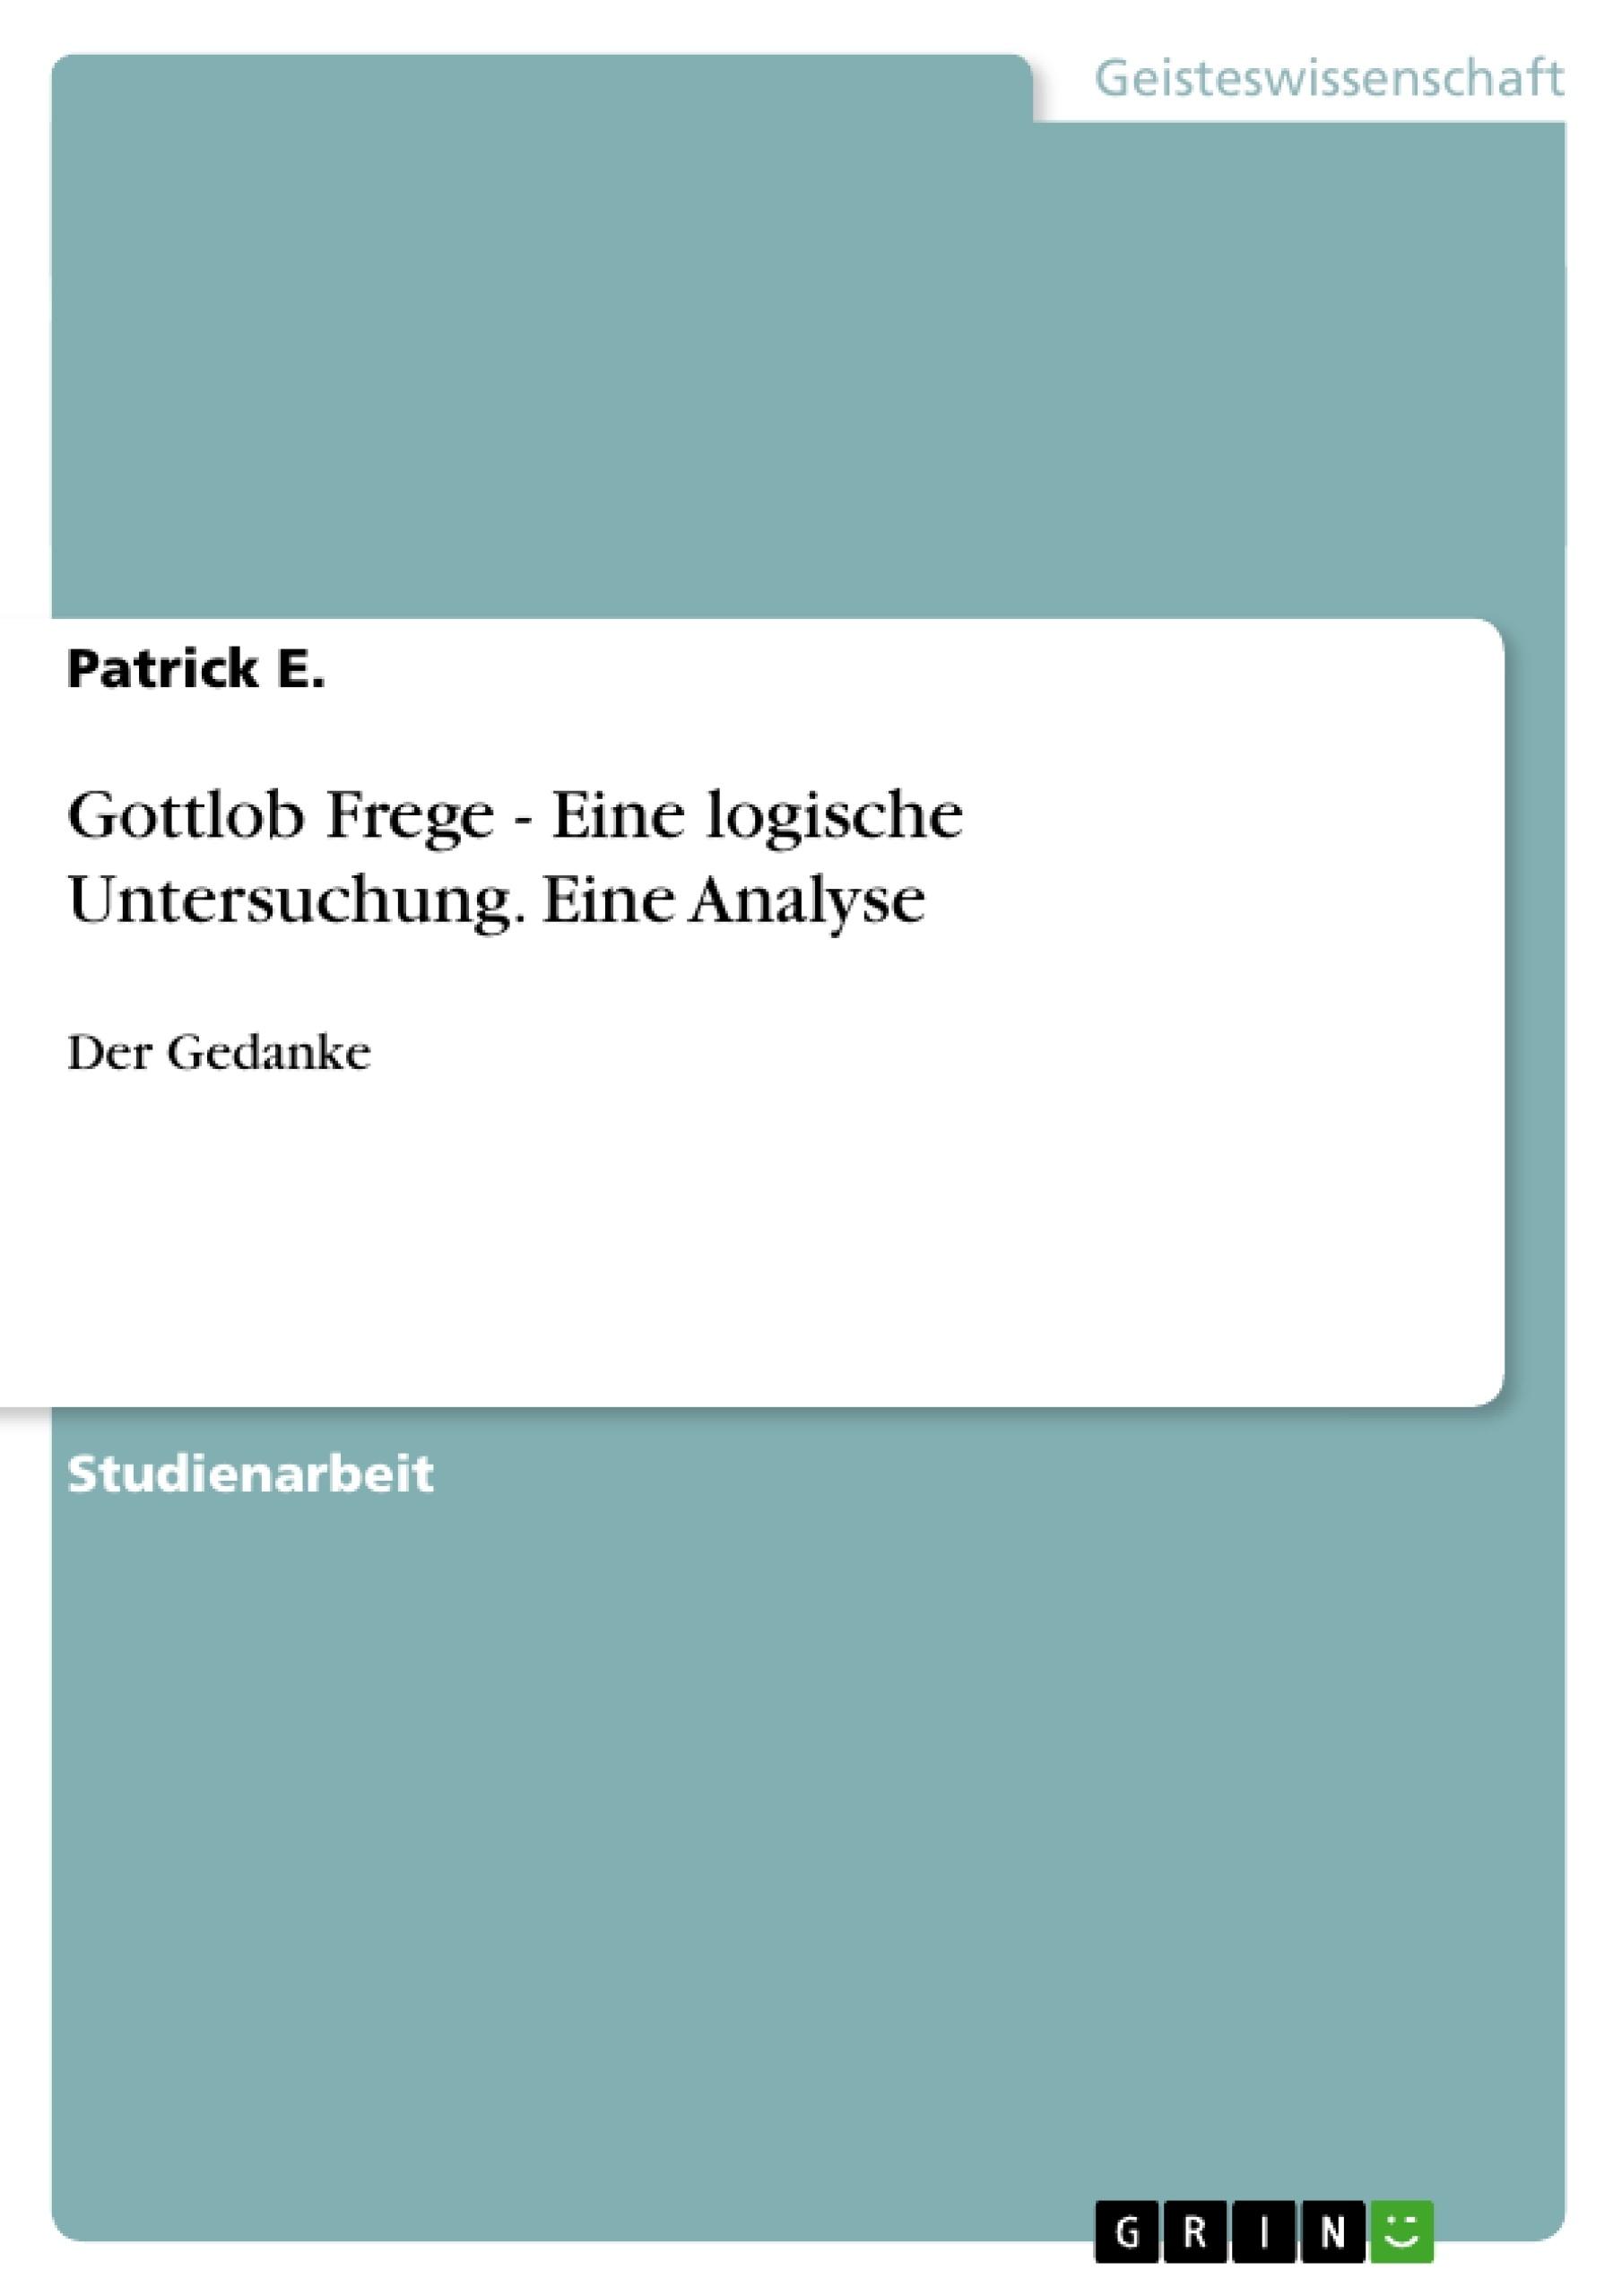 Titel: Gottlob Frege - Eine logische Untersuchung. Eine Analyse